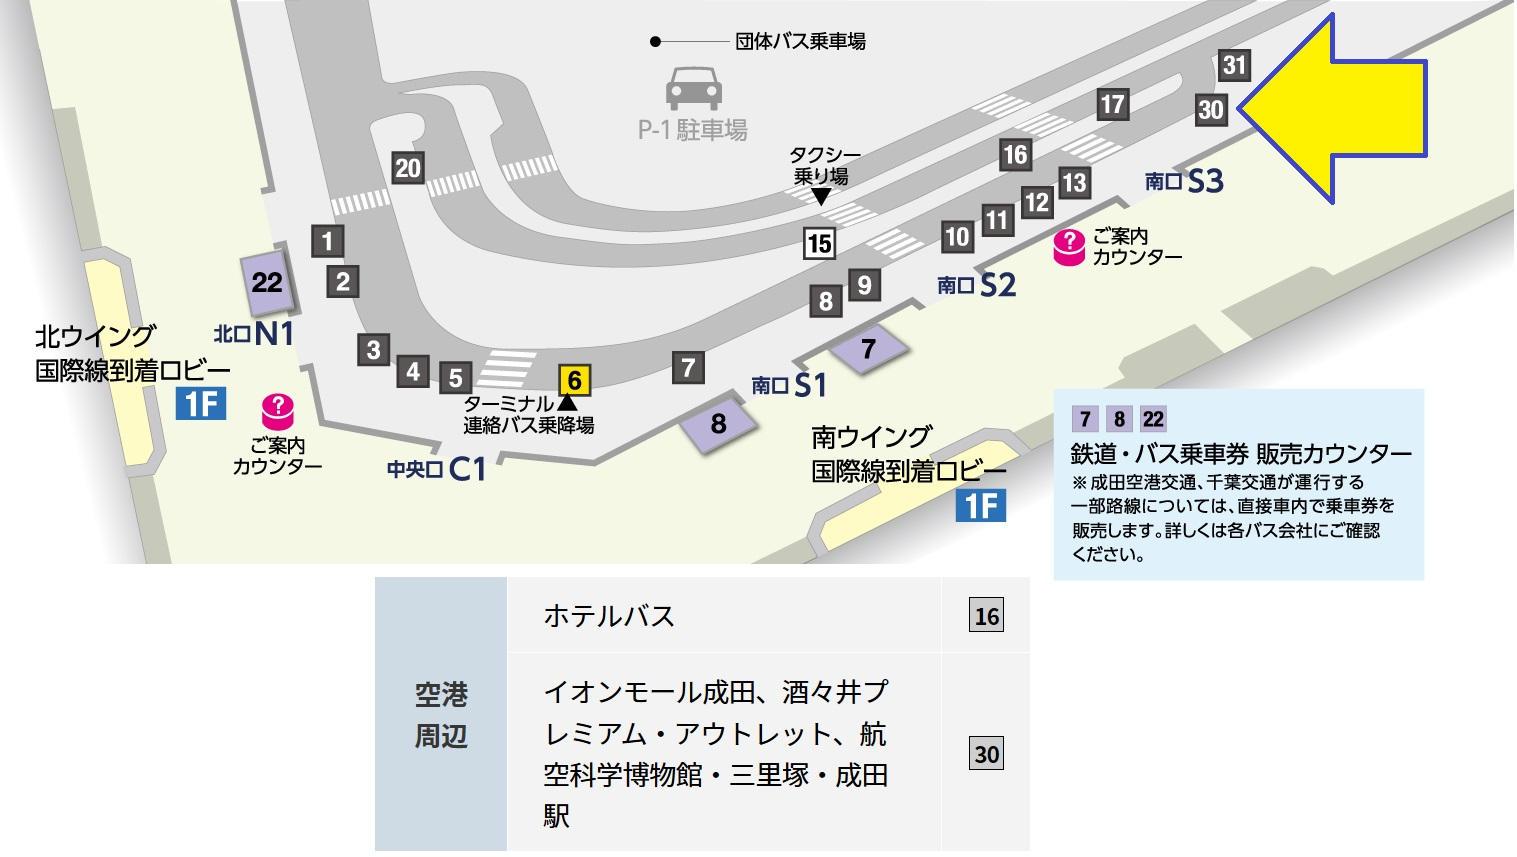 第1ターミナルの一般路線バス乗り場は【30番】